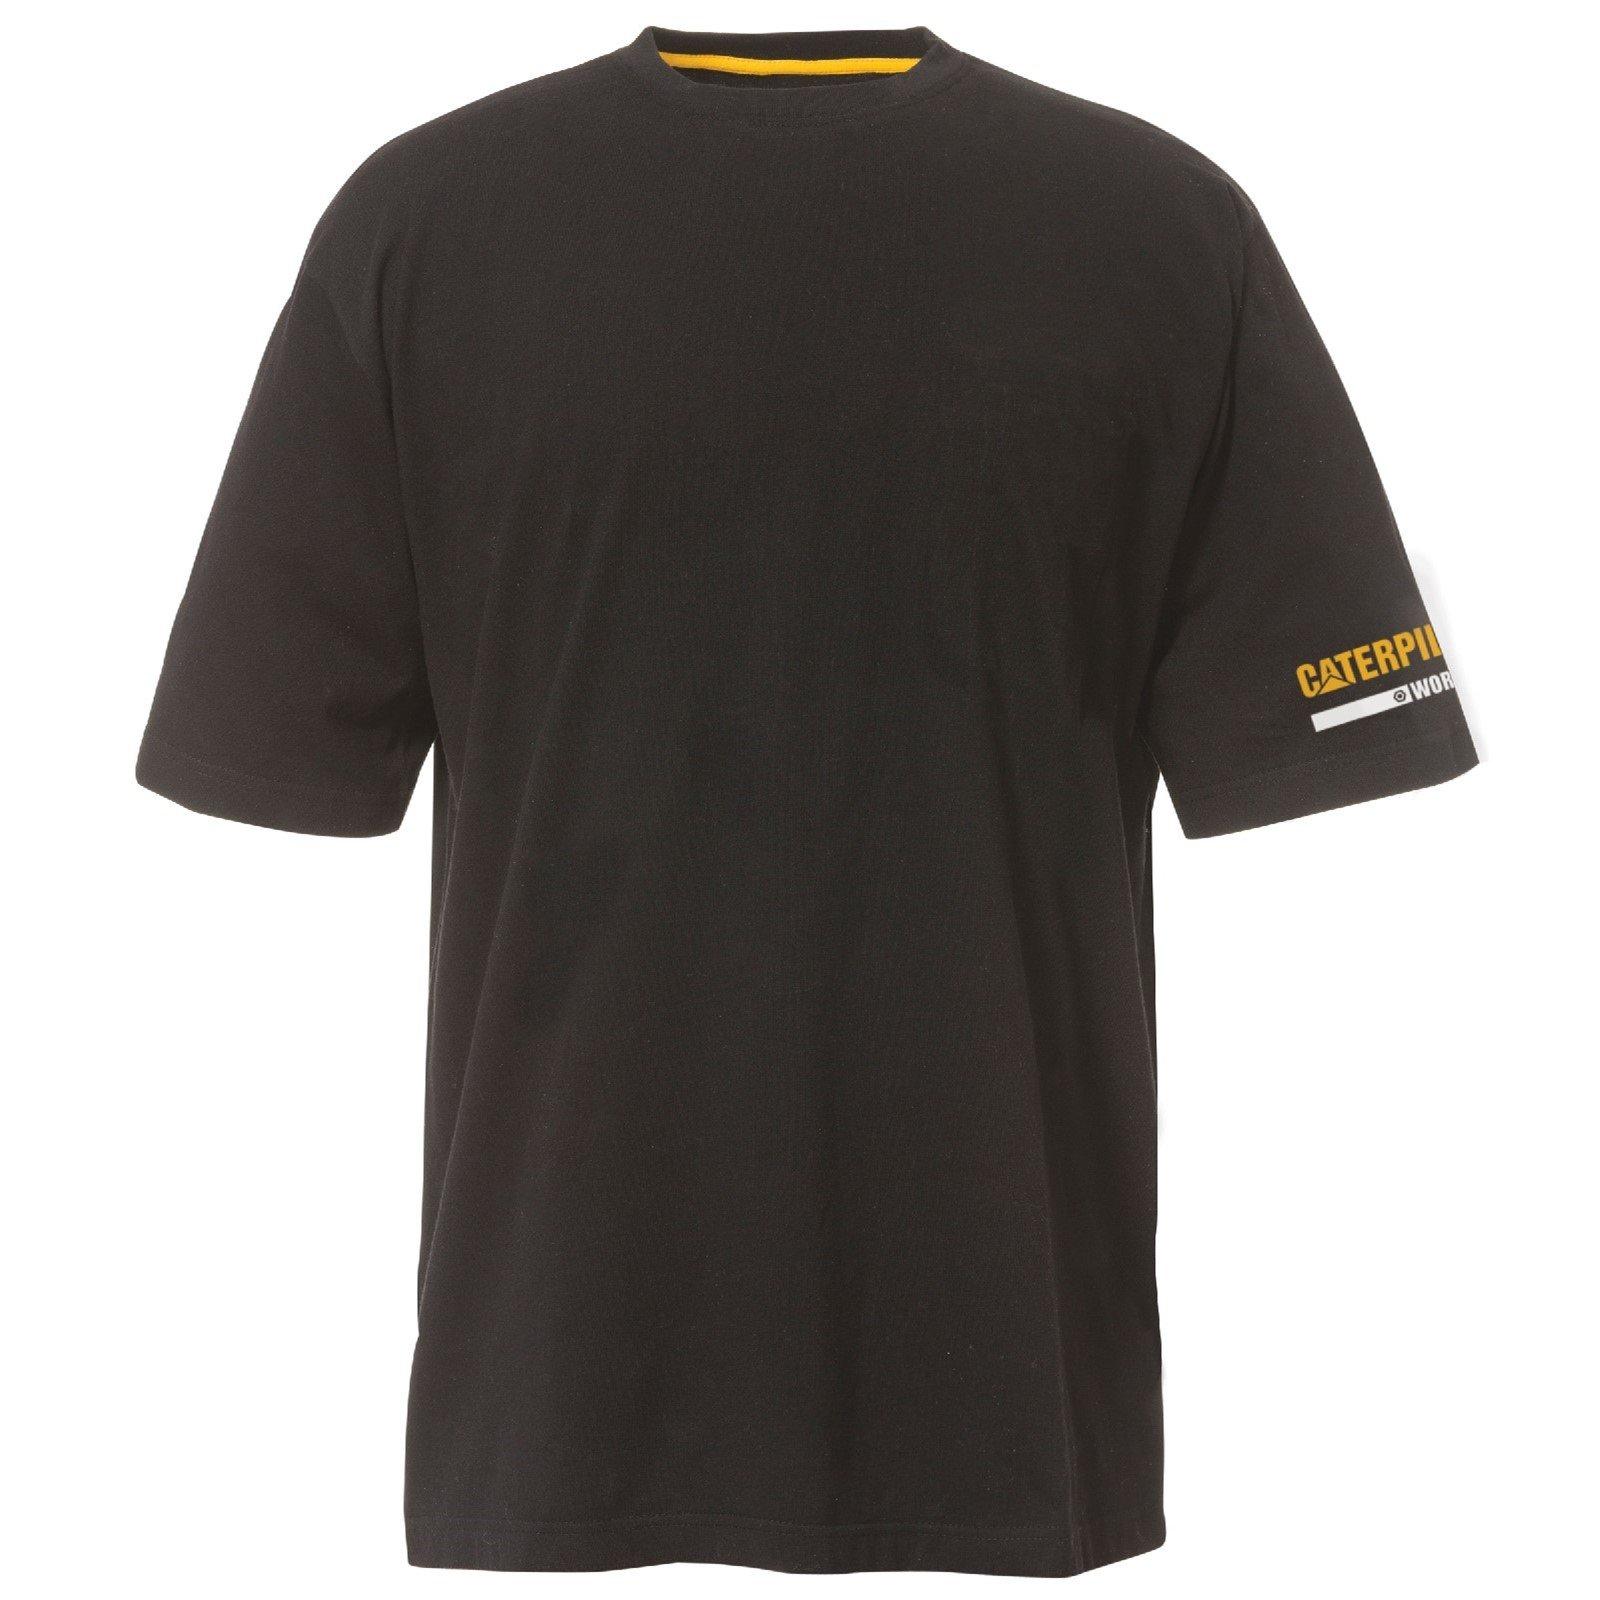 Caterpillar Men's Essentials SS T-Shirt Various Colours 28885-48760 - Black Sml